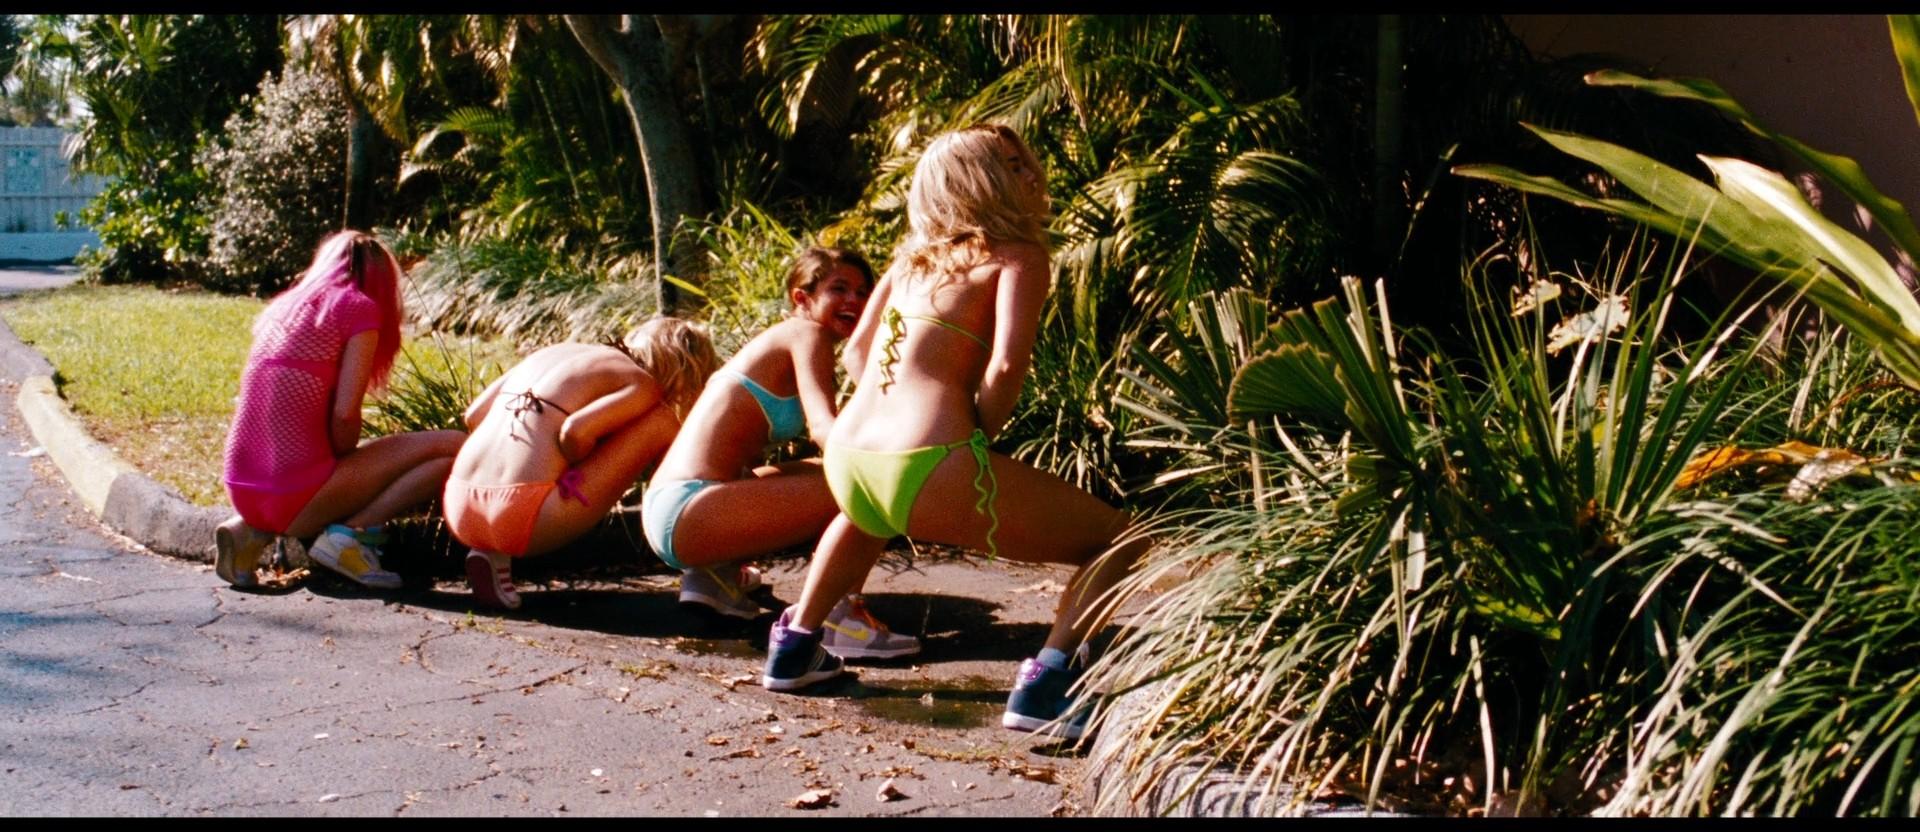 Ashley Tisdale Hottest Pics